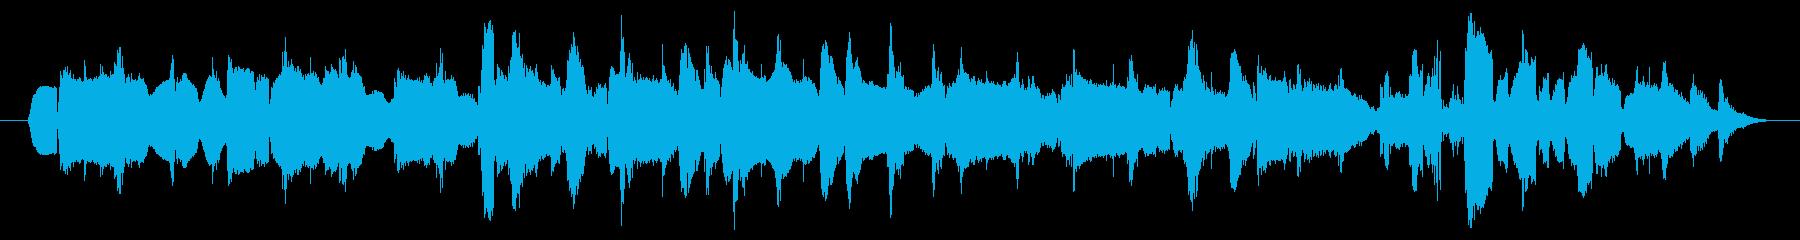 ショパンのノクターン~ボサ風ハーモニカ~の再生済みの波形